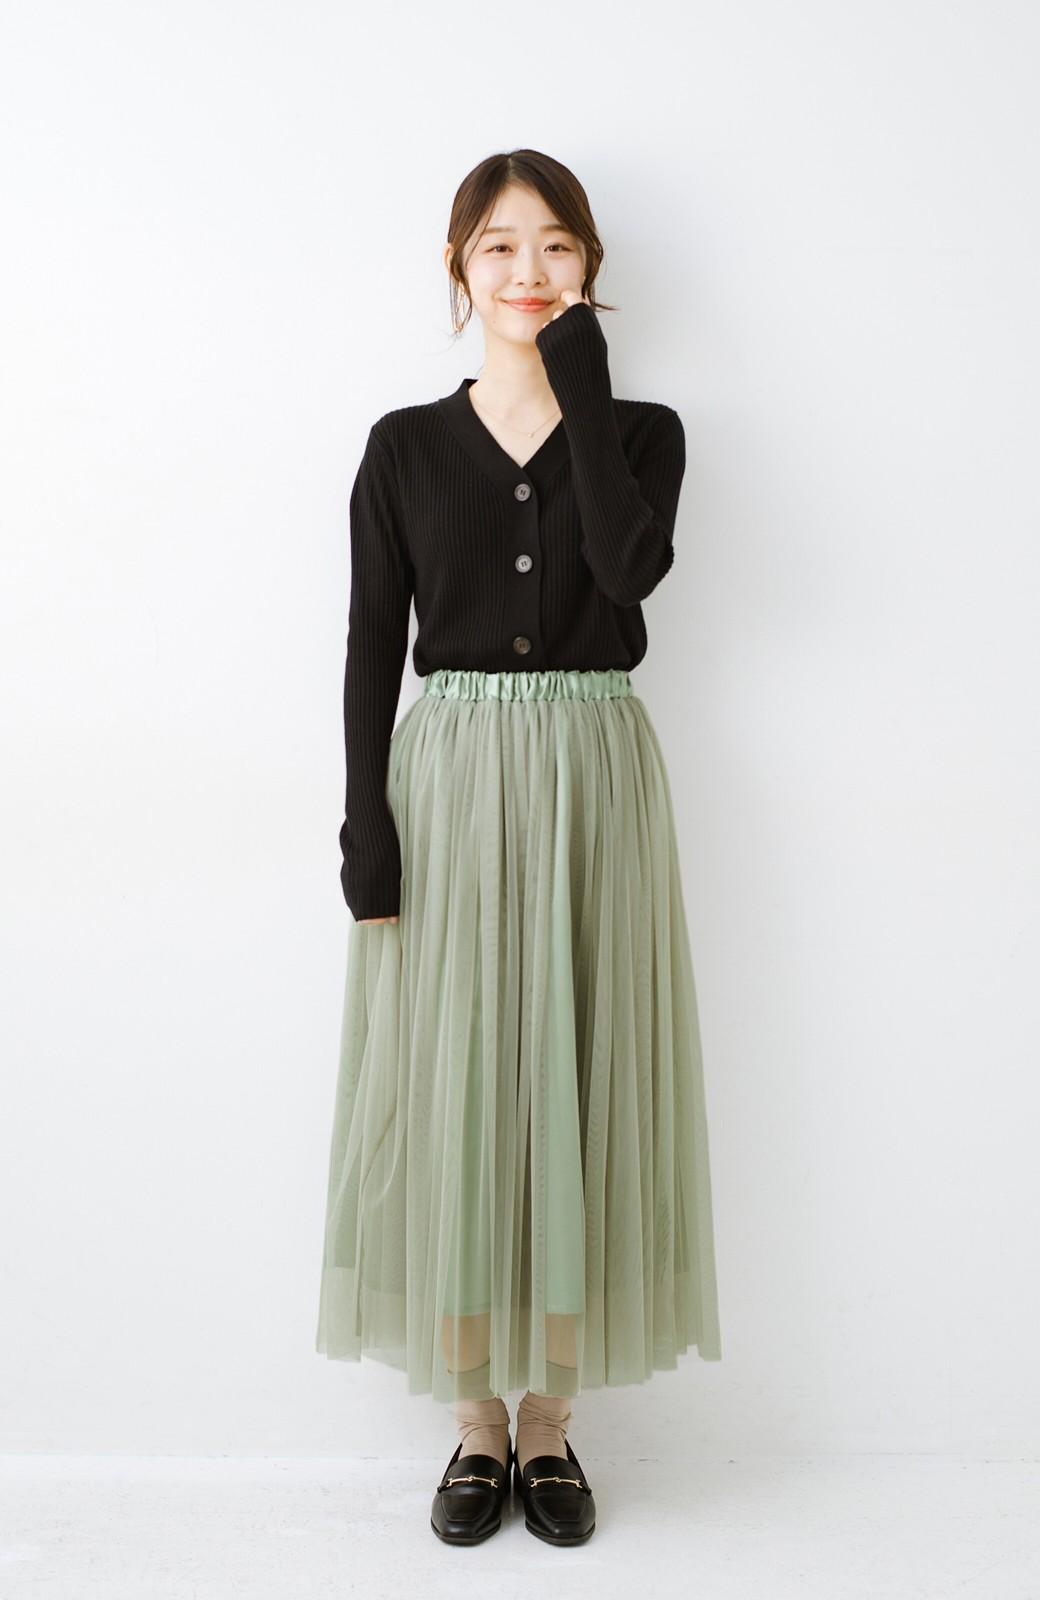 haco! 着るだけでルンとした気分になる! 長ーーい季節着られてずっと使えるオトナのためのチュールスカート <グリーン>の商品写真14